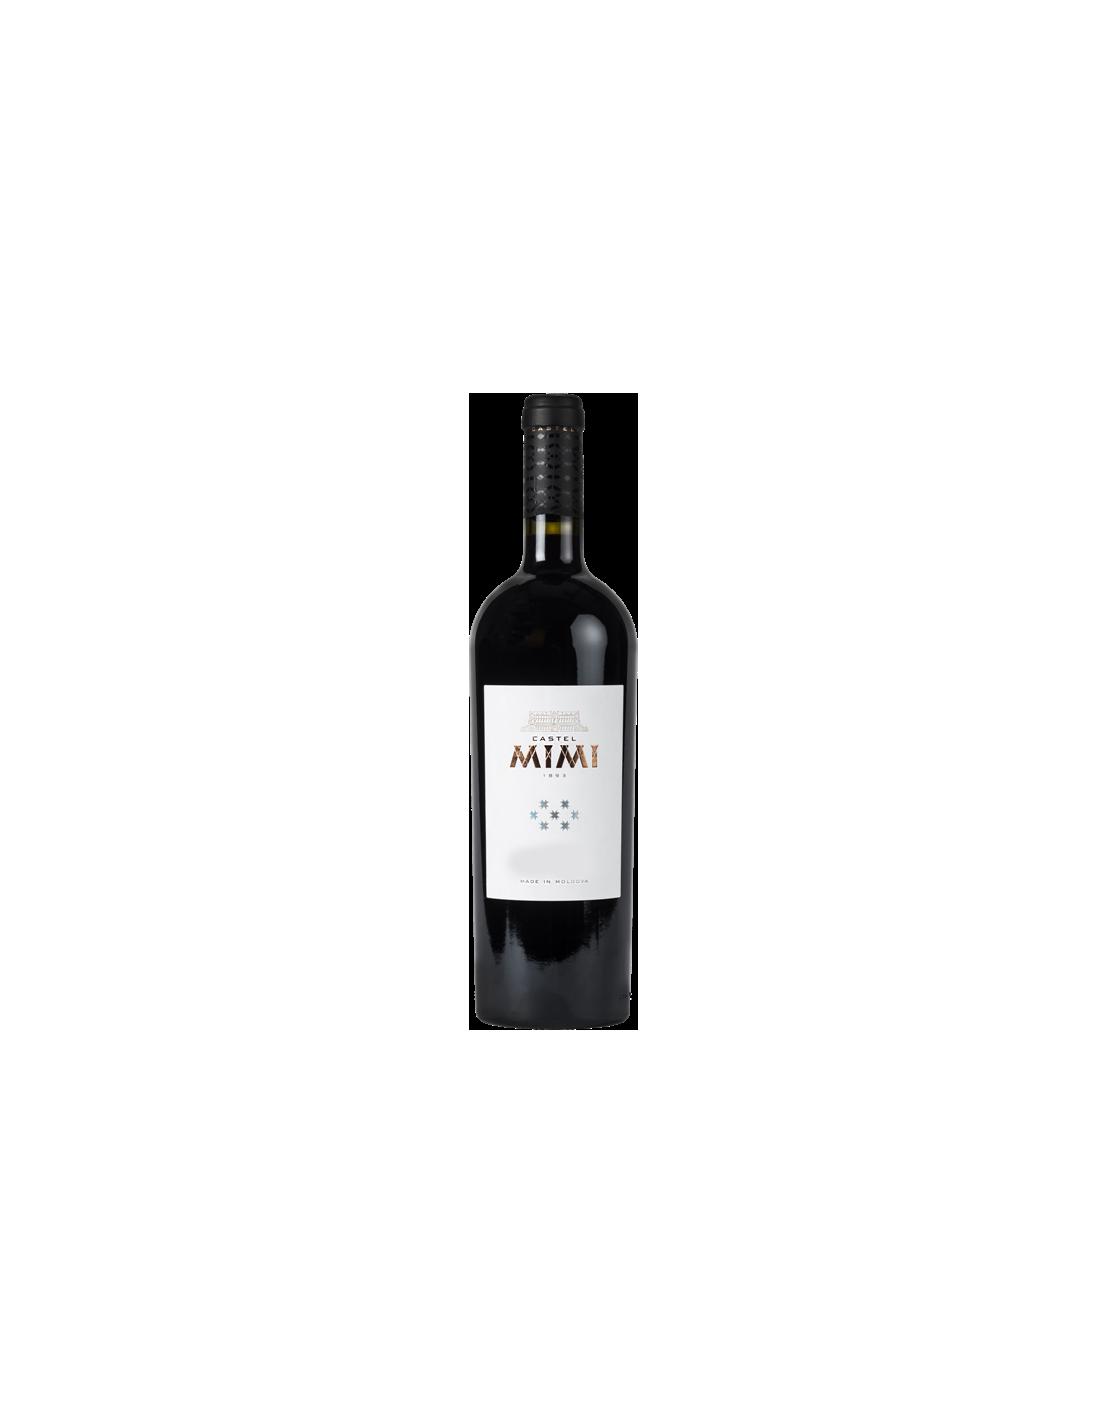 Vin rosu sec, Merlot, Castel Mimi, 0.75L, 14.5% alc., Republica Moldova